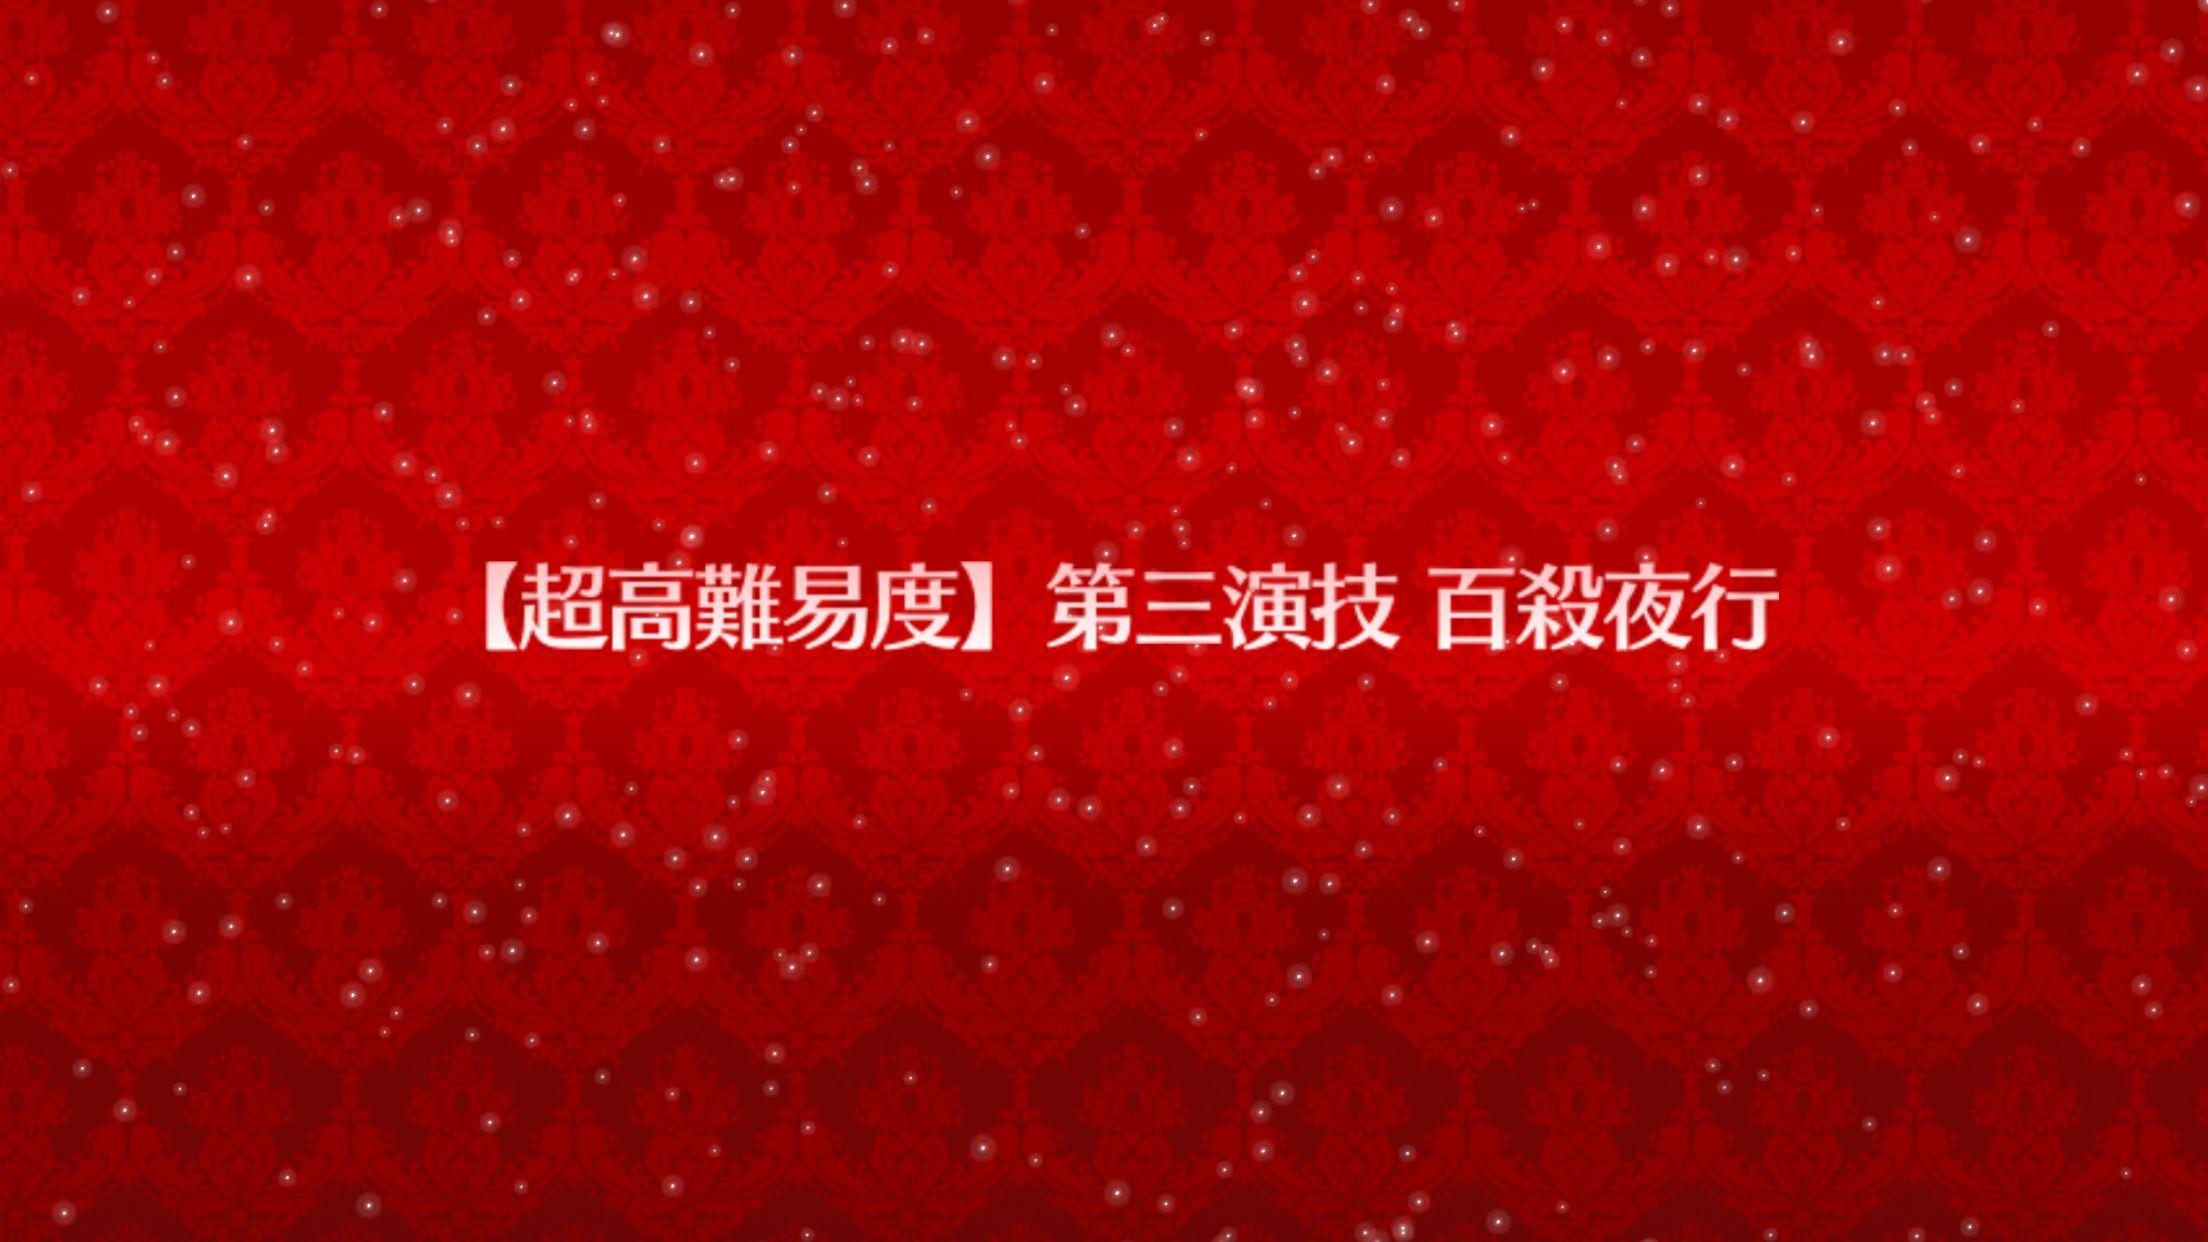 【FGO】ネロ祭り エキシビションクエスト 第三演技 百殺夜行  ょぅι゛ょ攻略